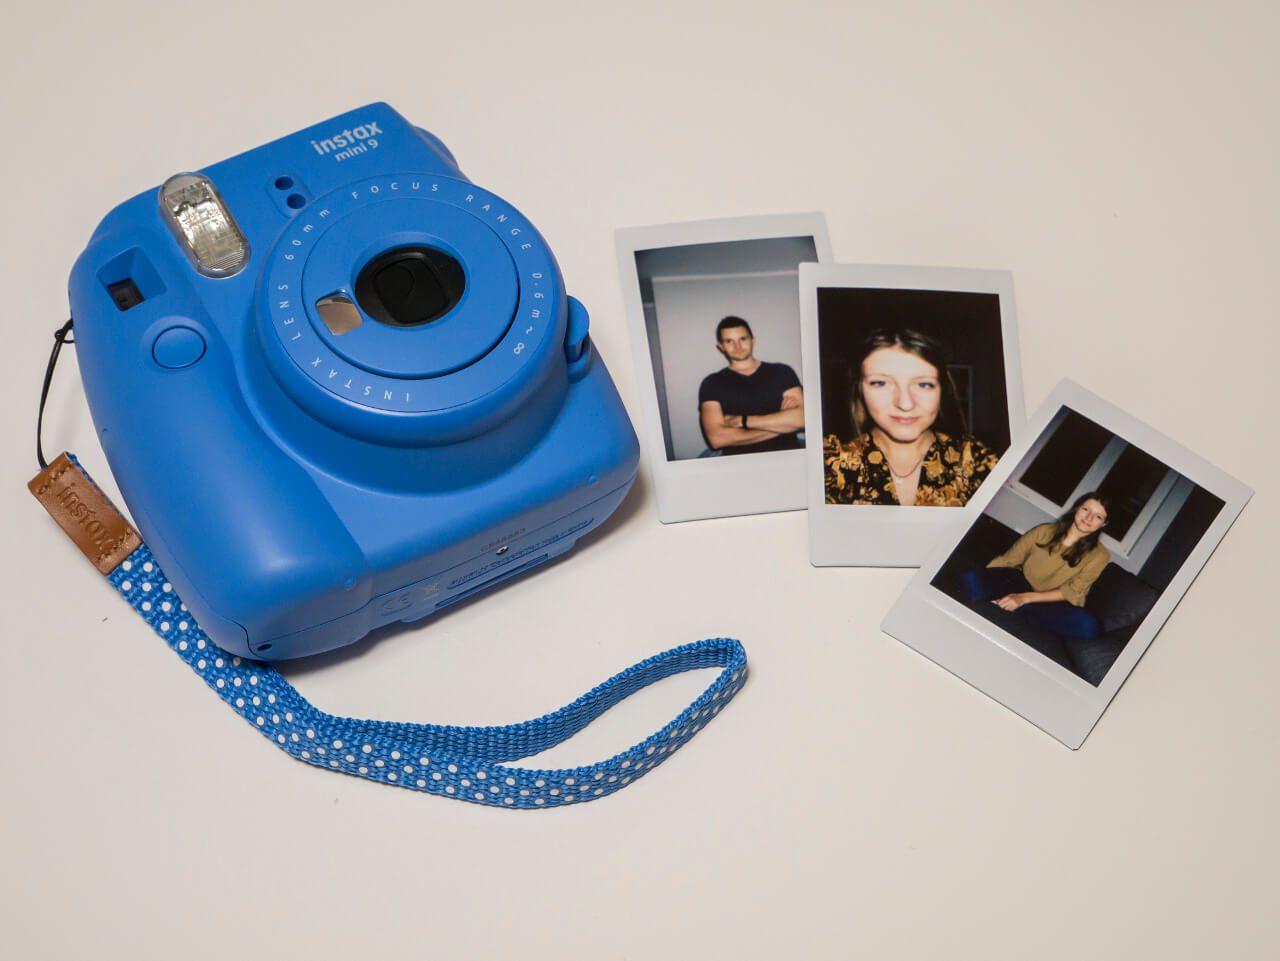 Aparat Instax Mini 9 z kilkoma zdjęciami Bartka i Natalki